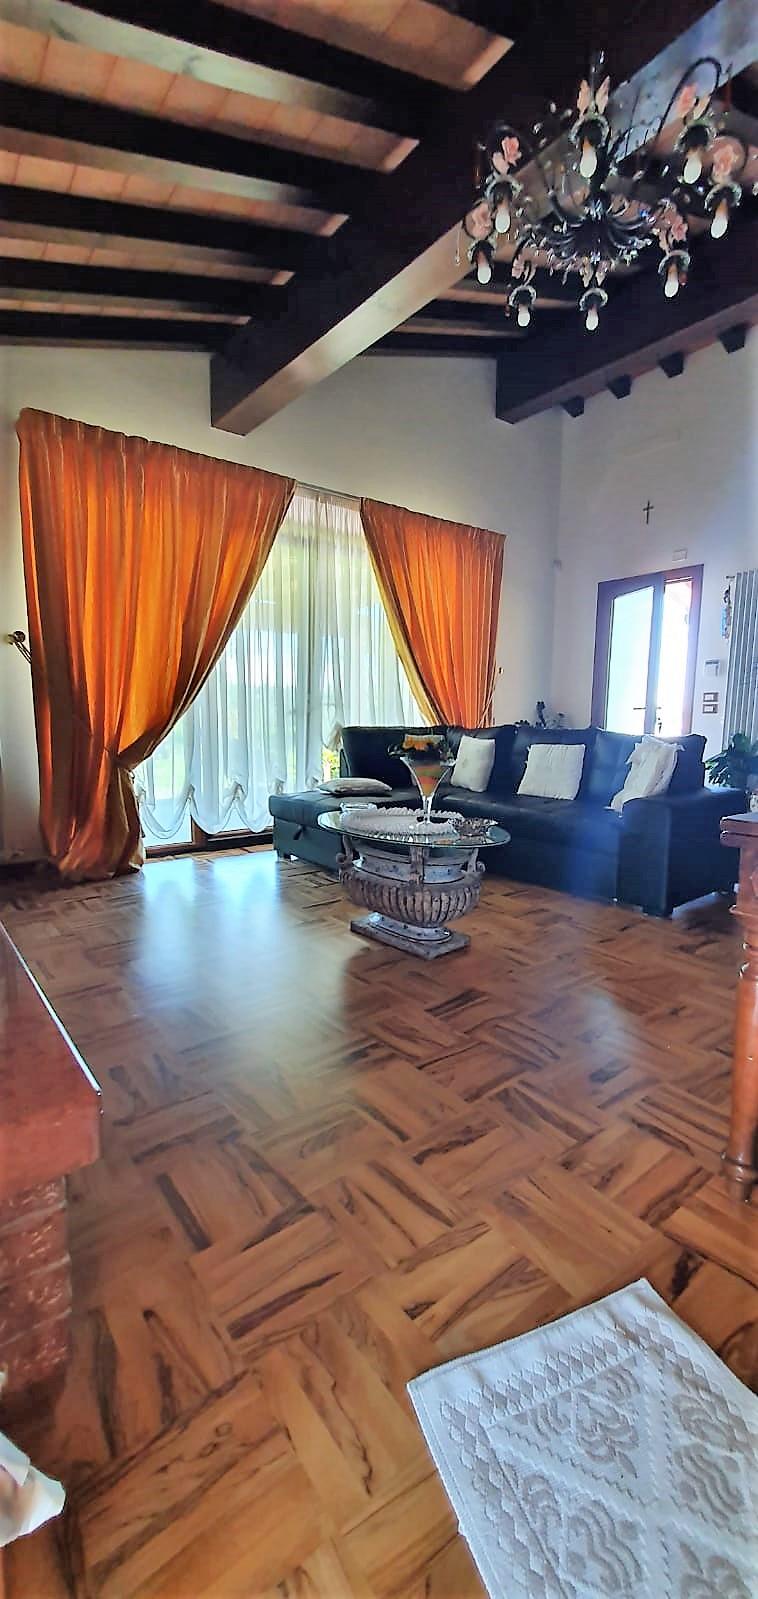 AVAGLIO,PISTOIA,51100,2 Bedrooms Bedrooms,2 BathroomsBathrooms,Villa,AVAGLIO,1501